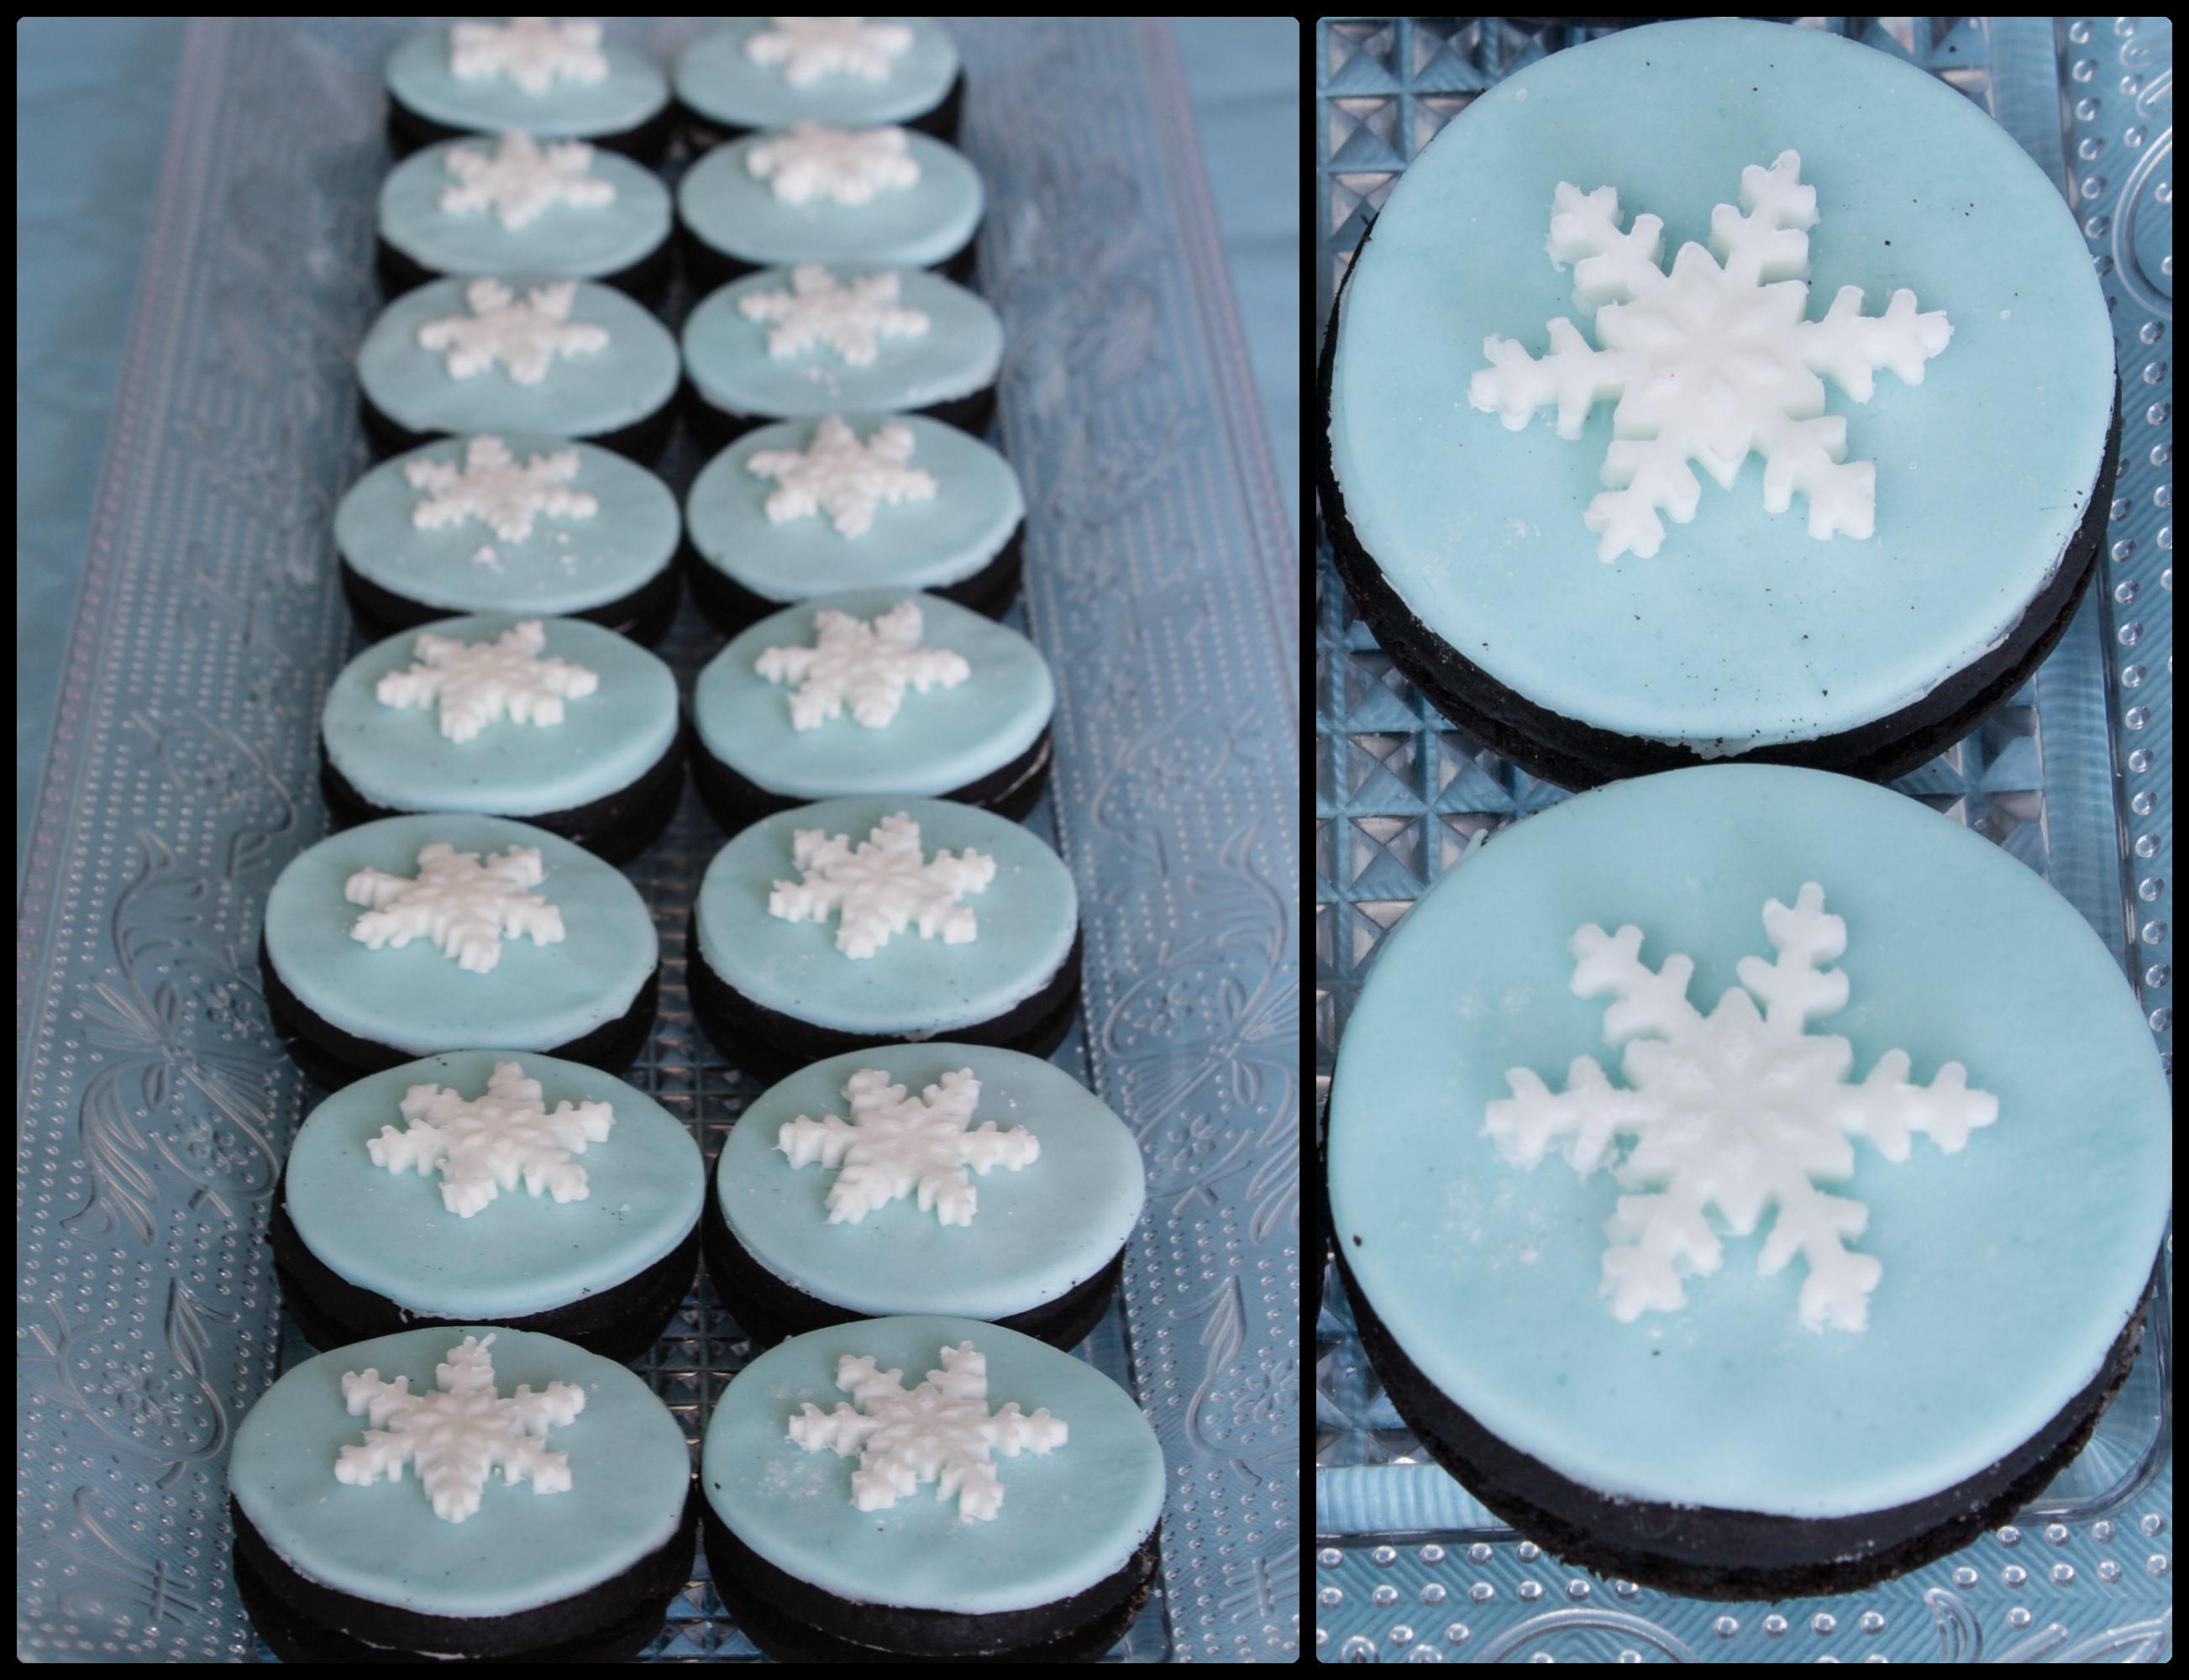 Copos De Nieve Para Decorar Fiesta Frozen.Gelatinas Azules Para Una Fiesta Frozen La Cuchara De Mis